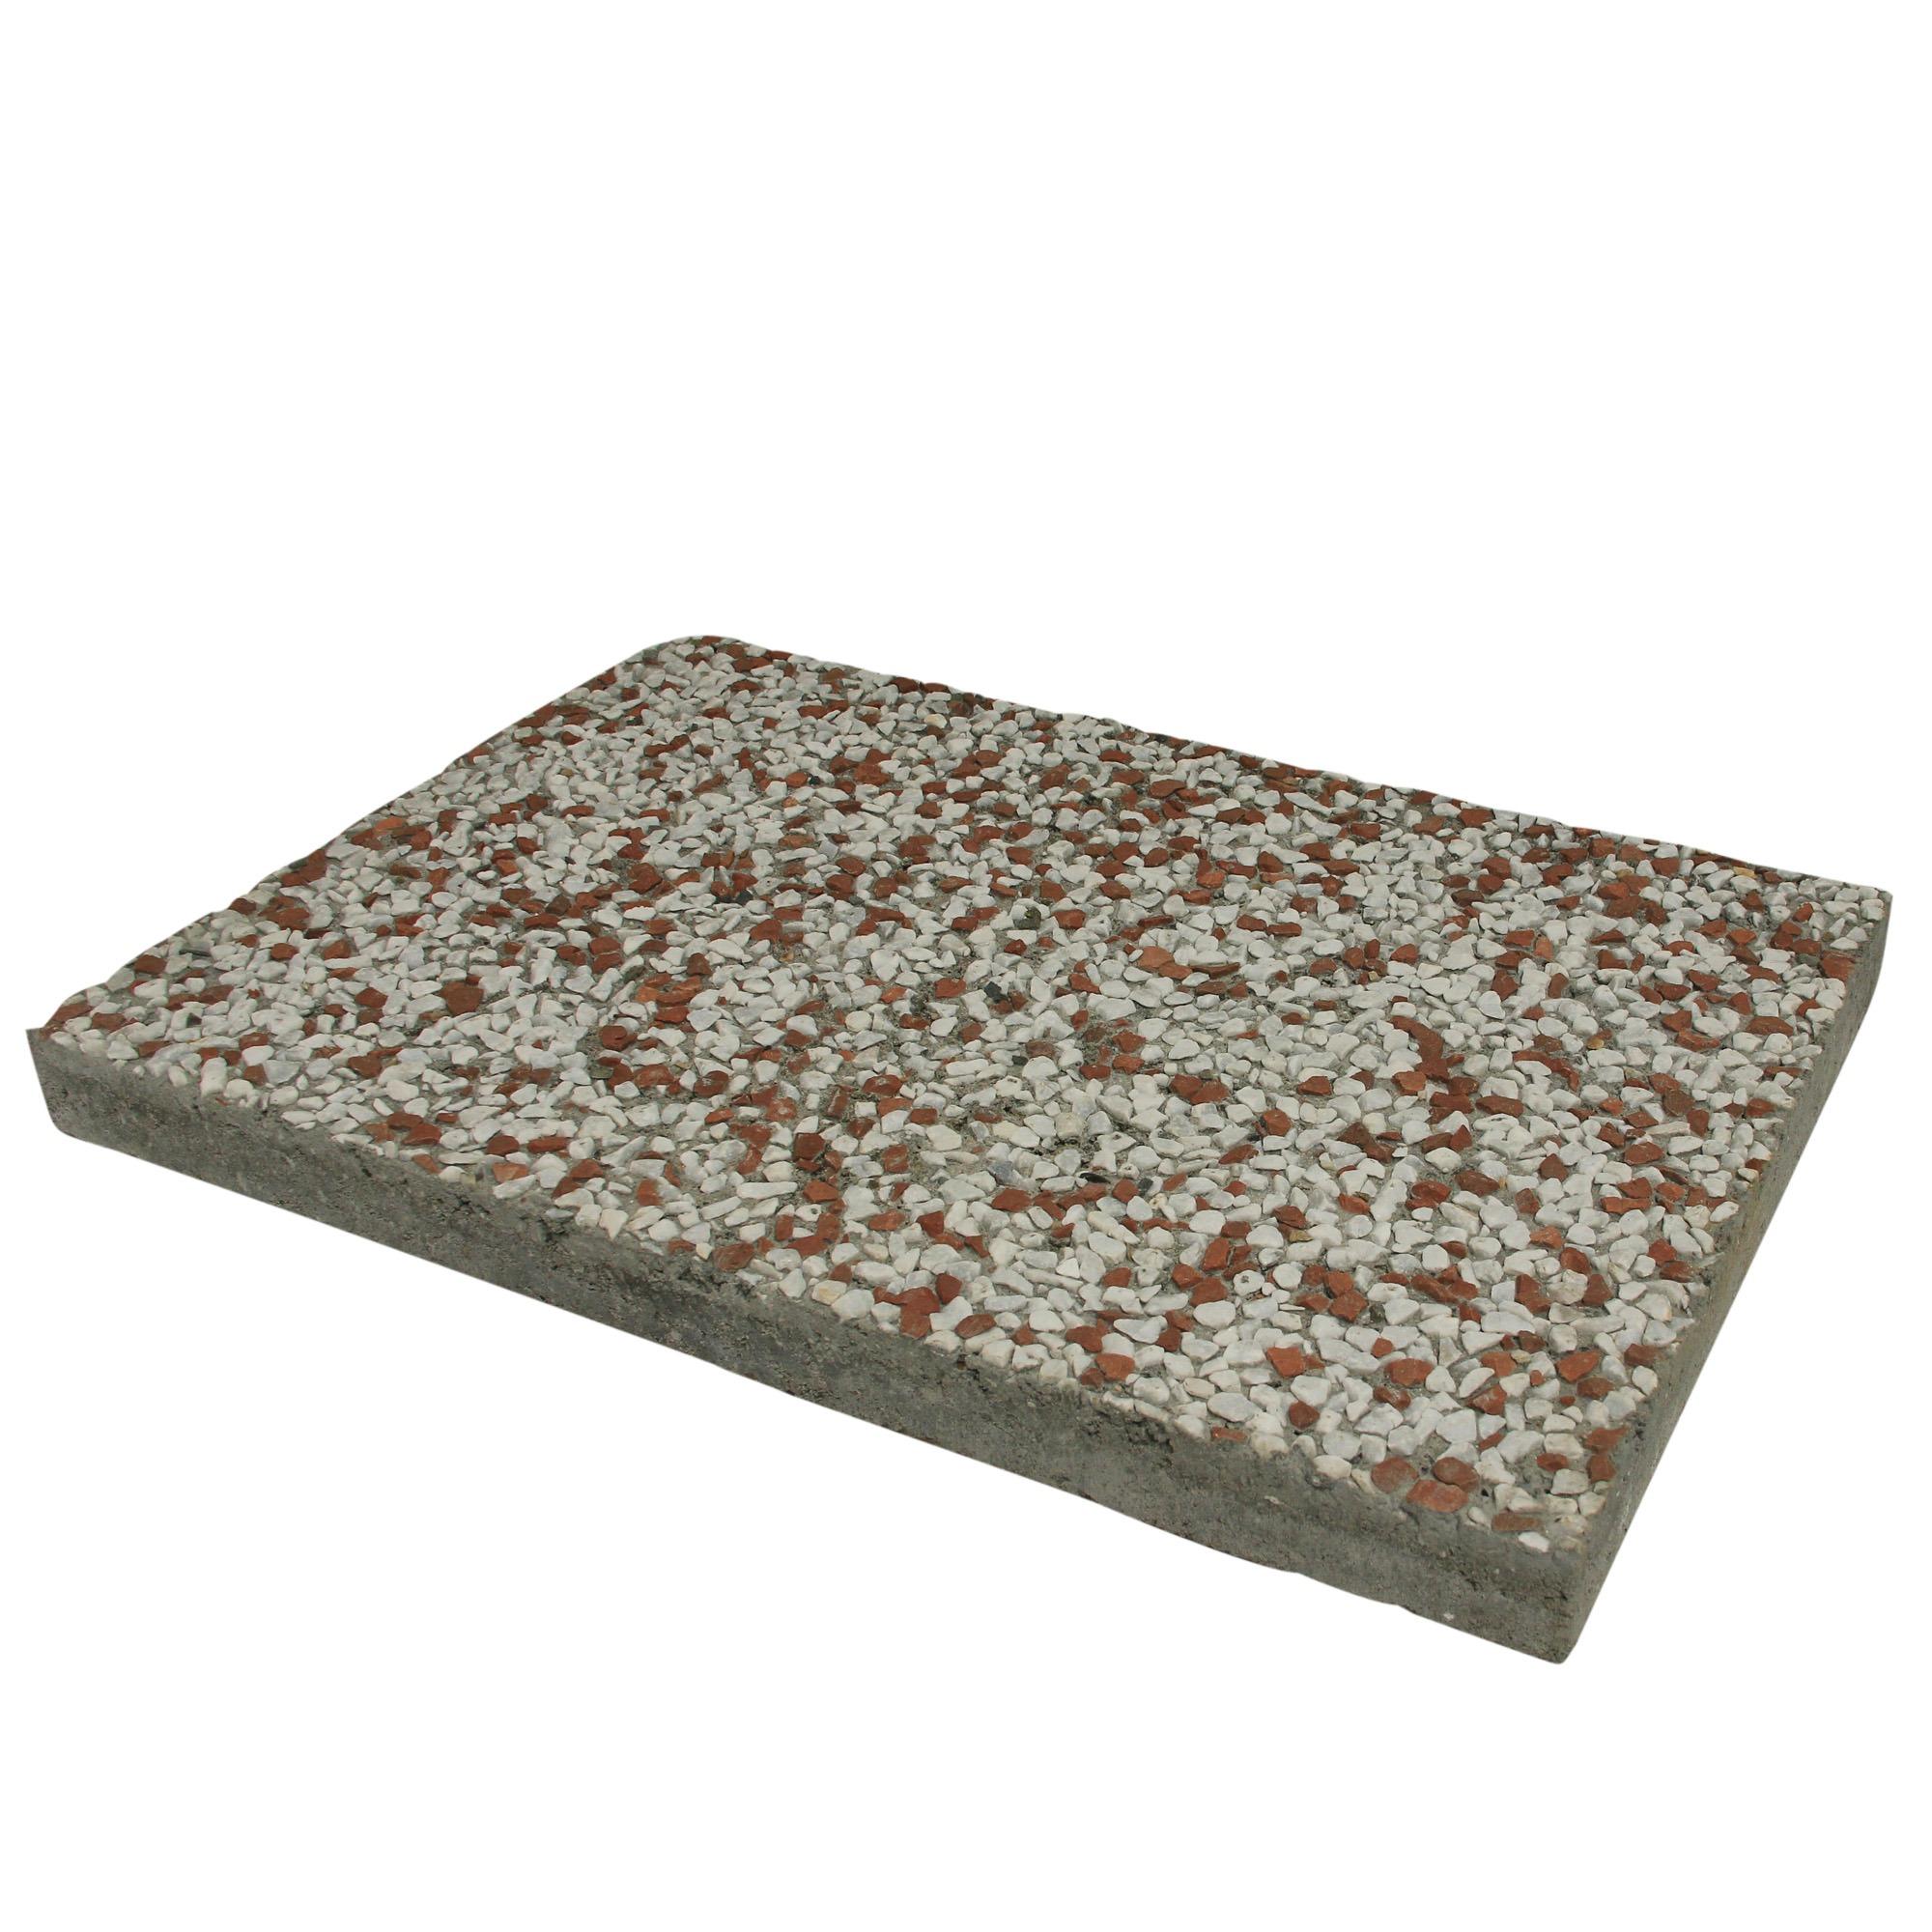 Grindtegel Wit/Rood 60x40 cm - 50 Tegels - 12,0 m2